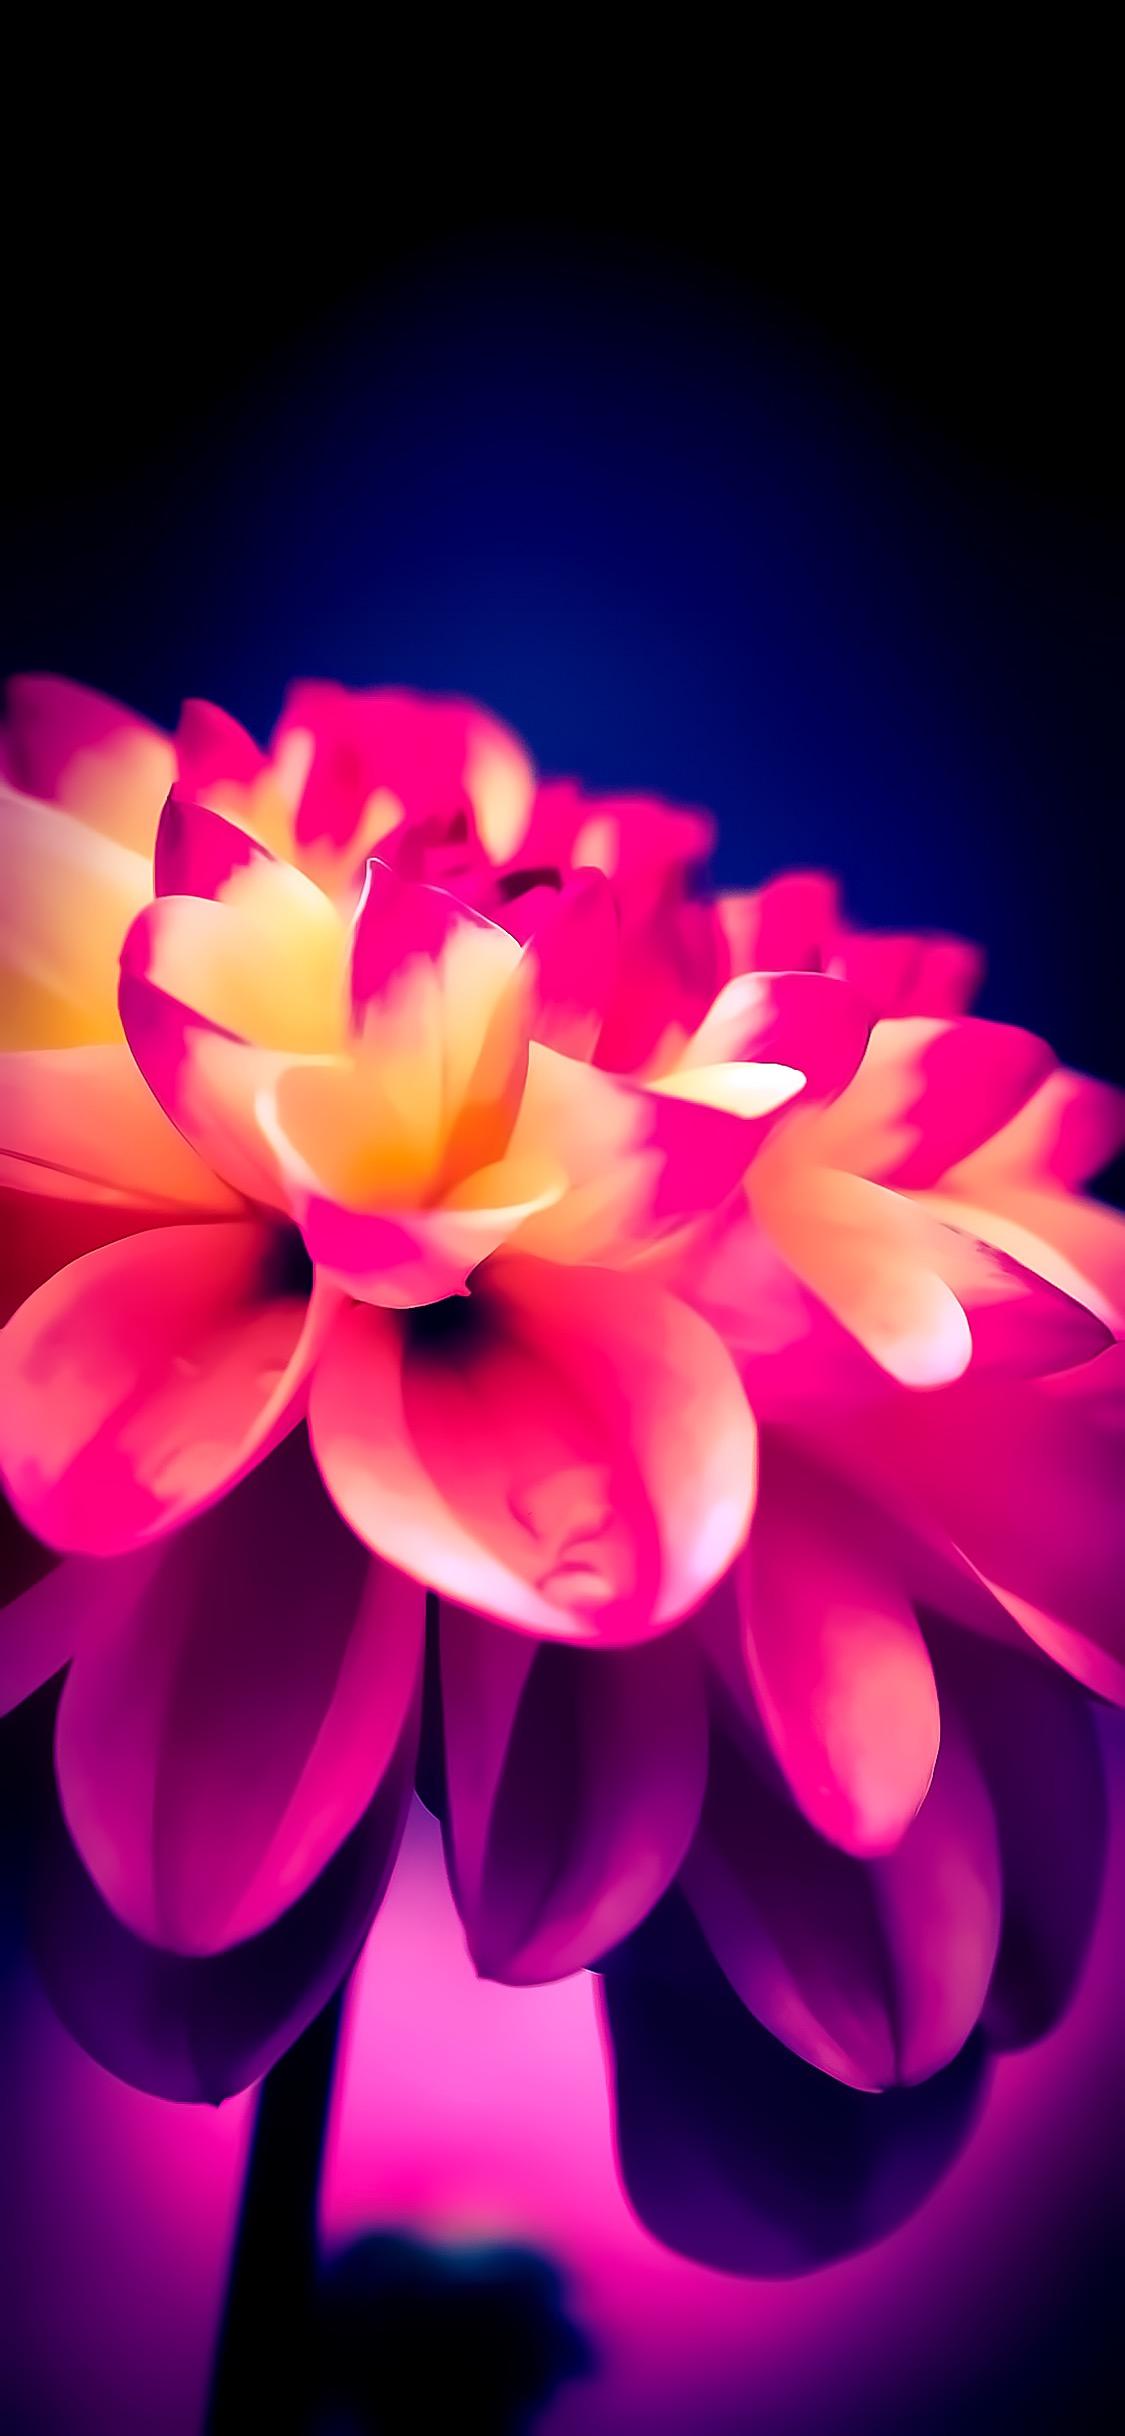 hình nền iphone x hoa